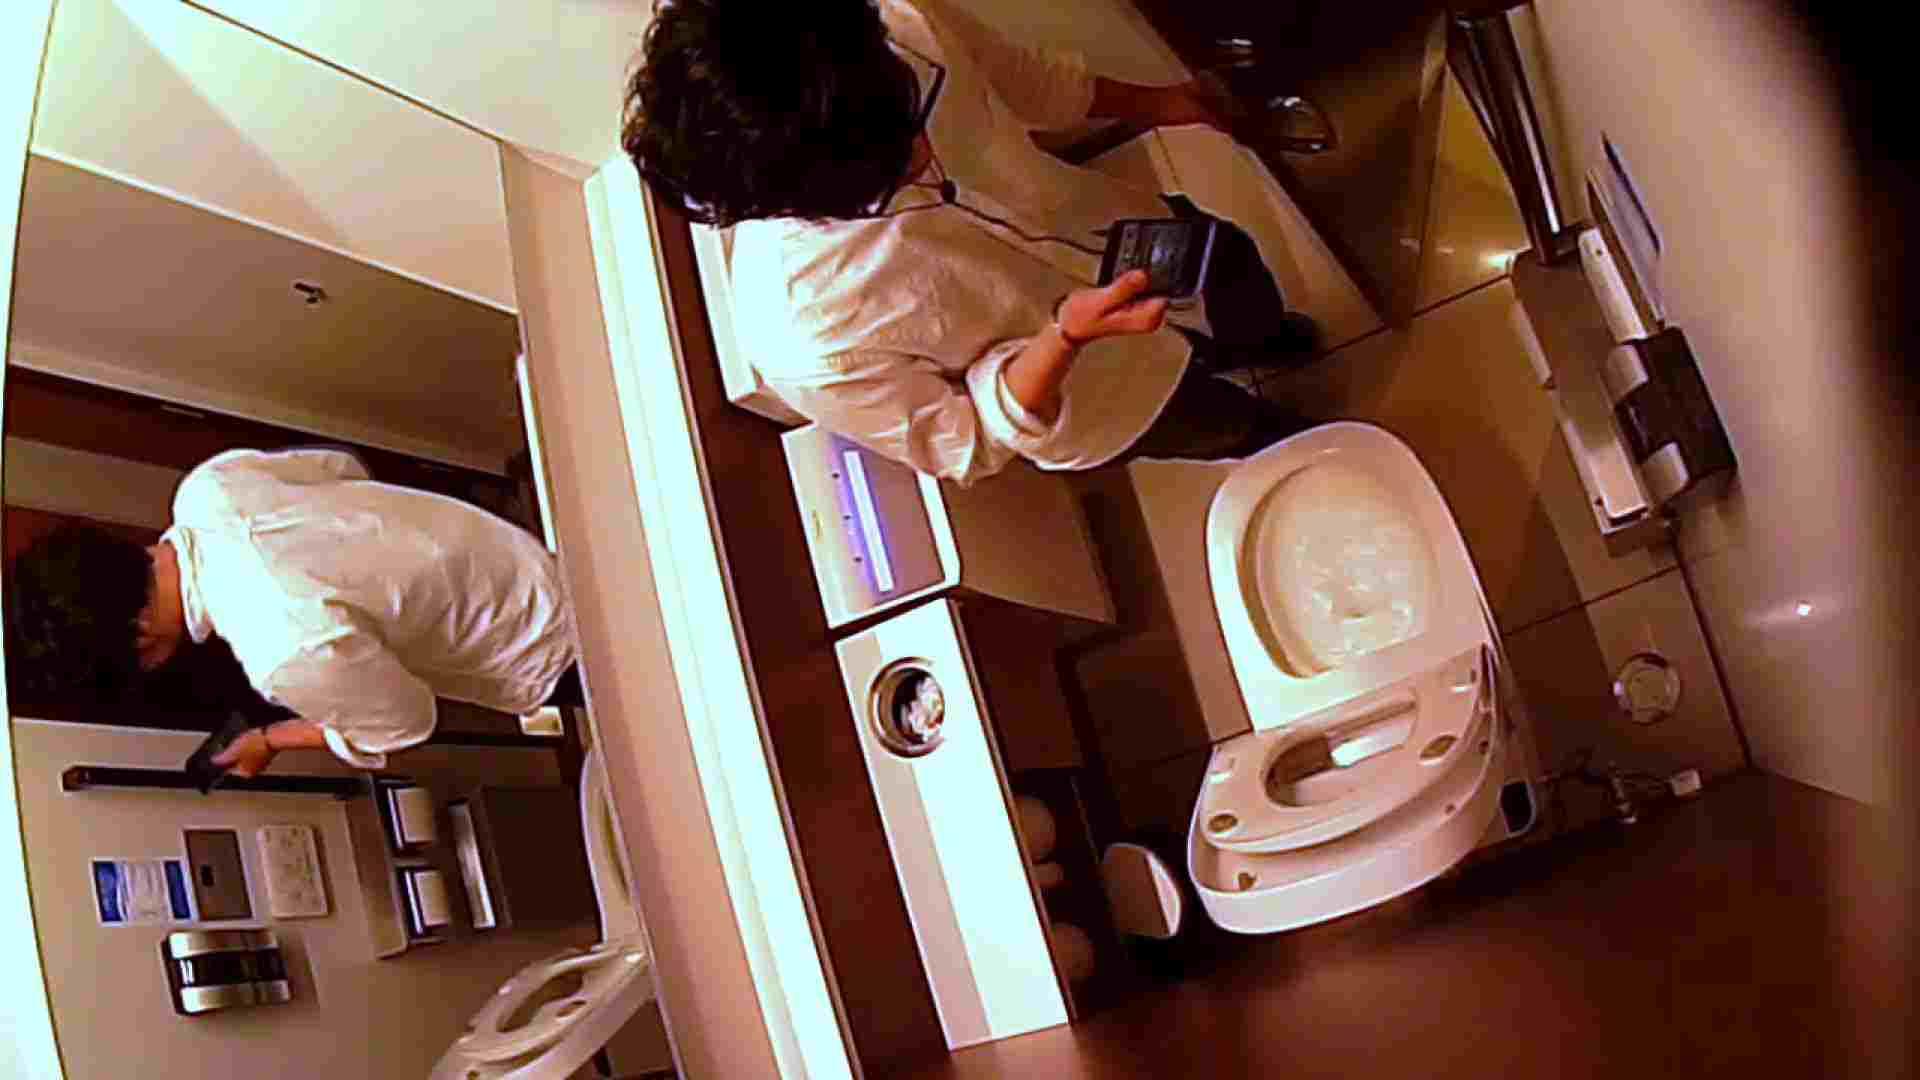 すみませんが覗かせてください Vol.32 トイレ   0  66枚 19